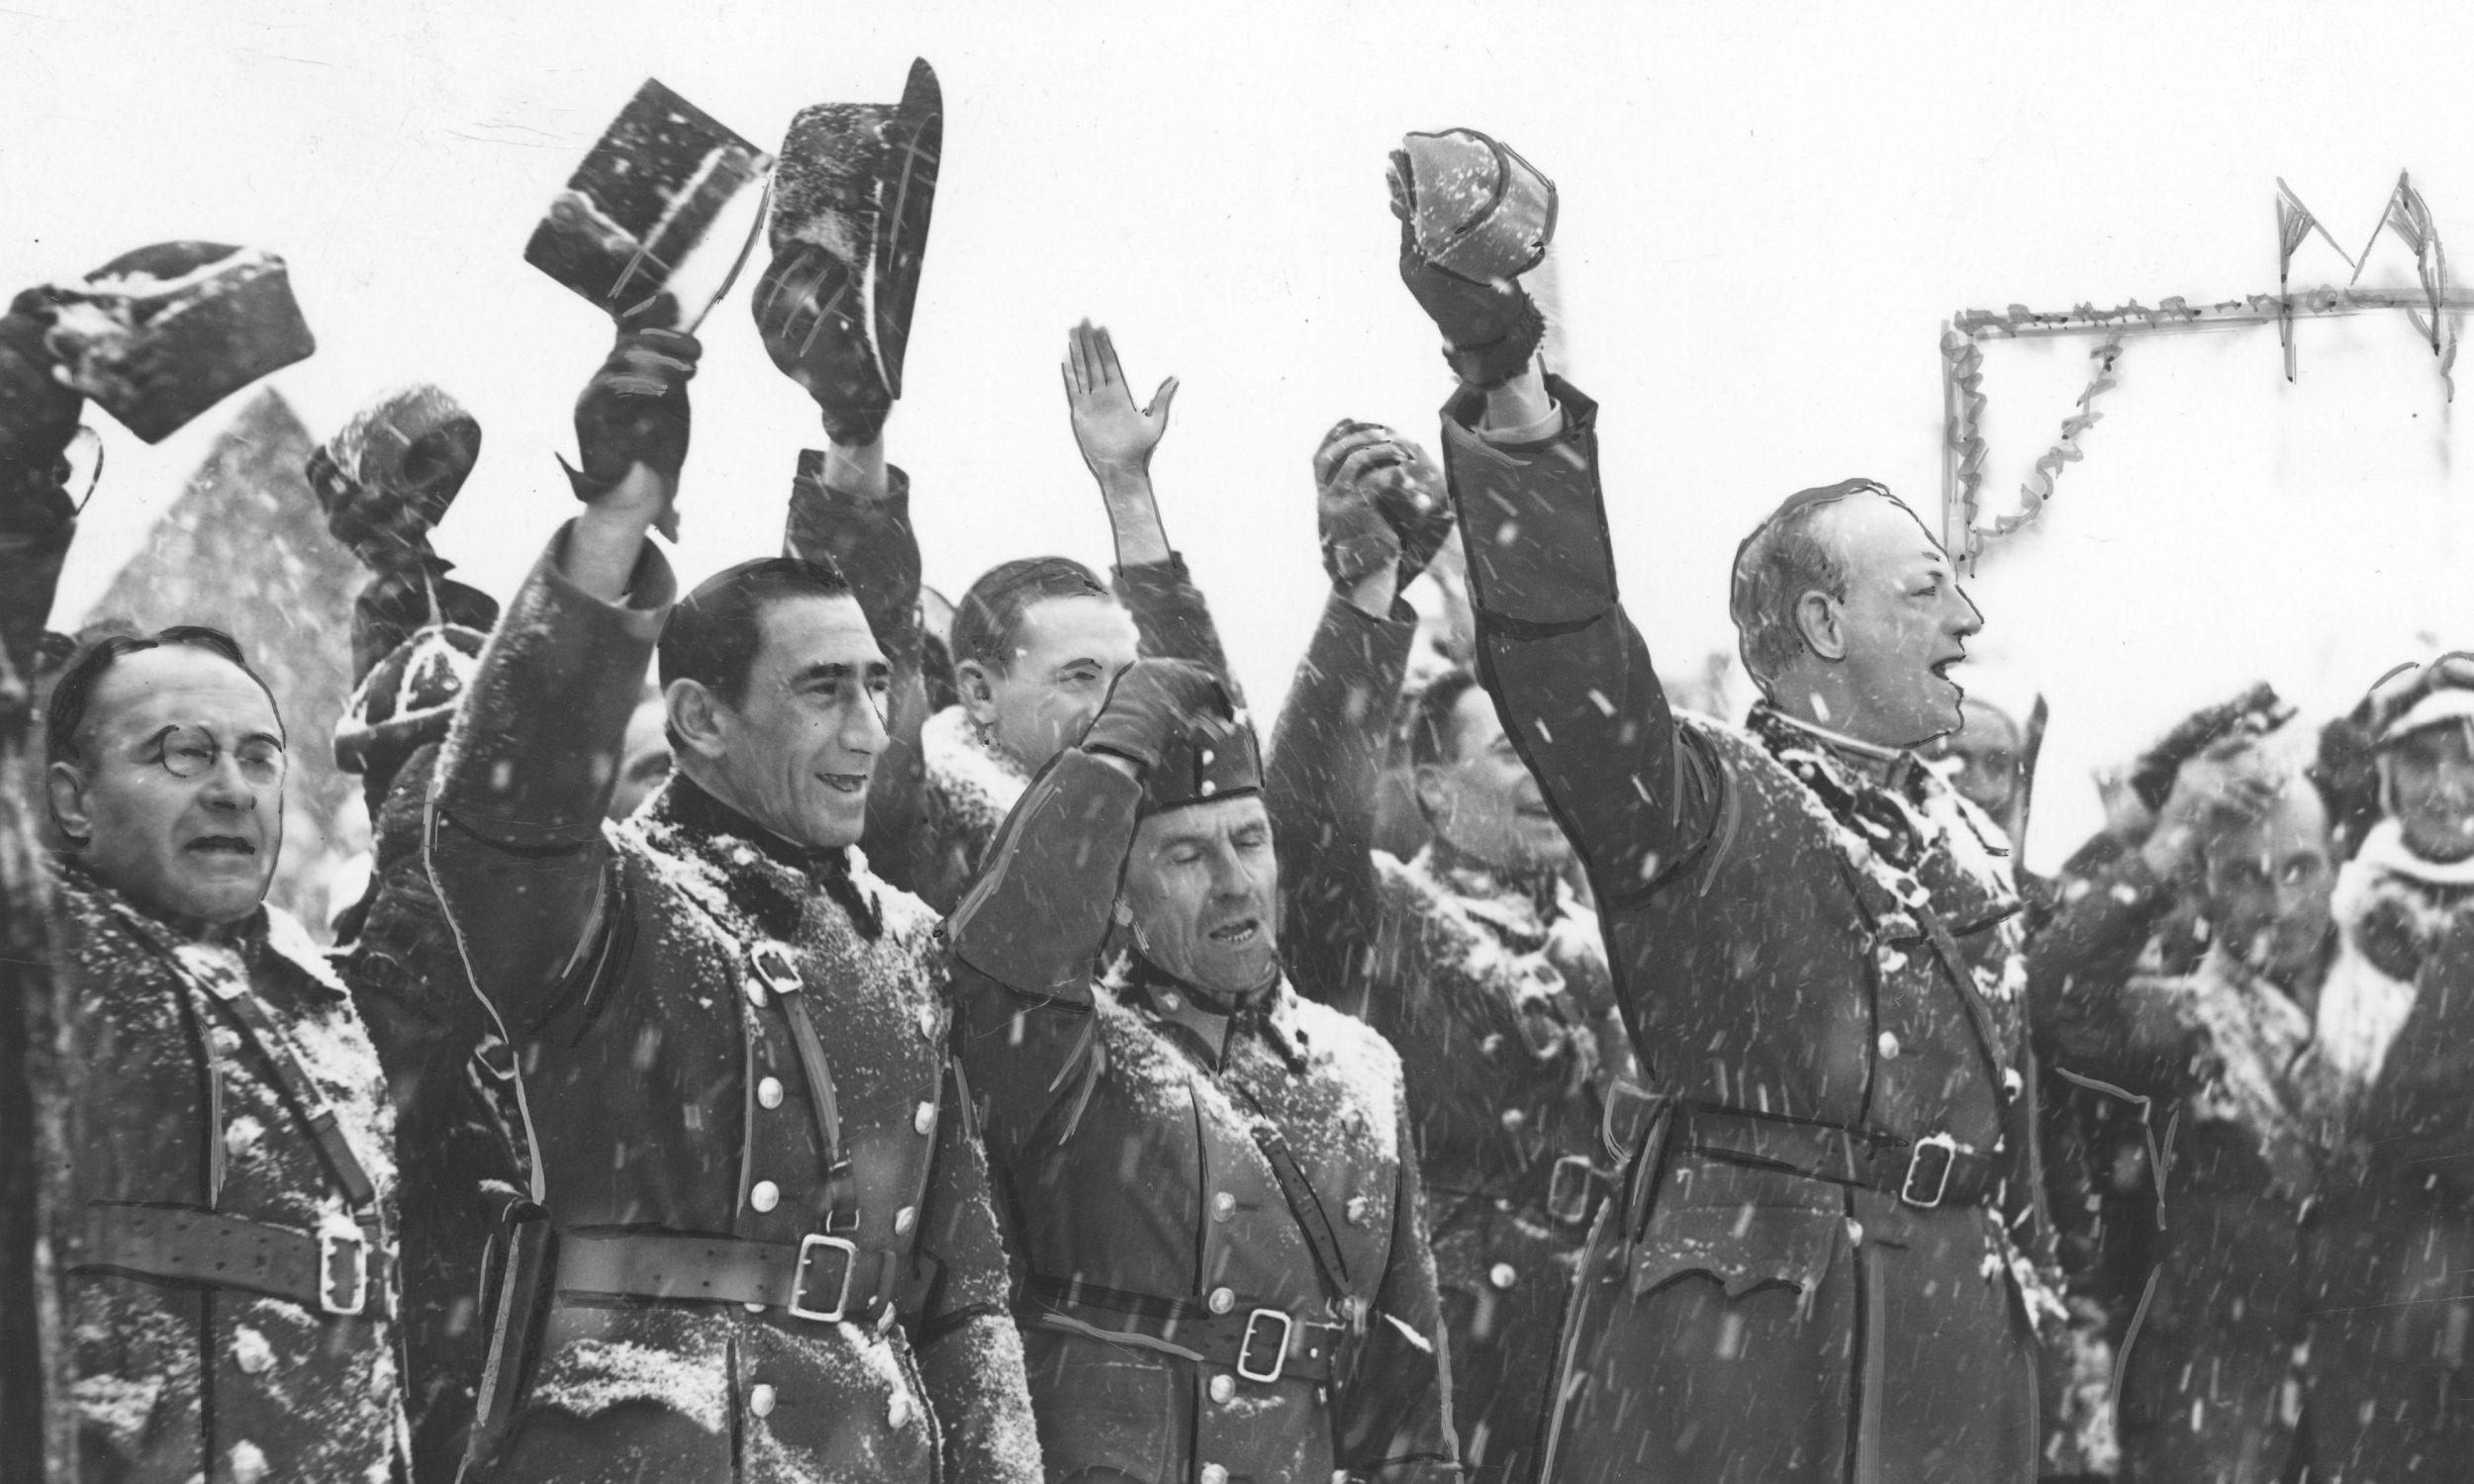 Oficerowie węgierscy wznoszą okrzyki na cześć Polski i wspólnej granicy.